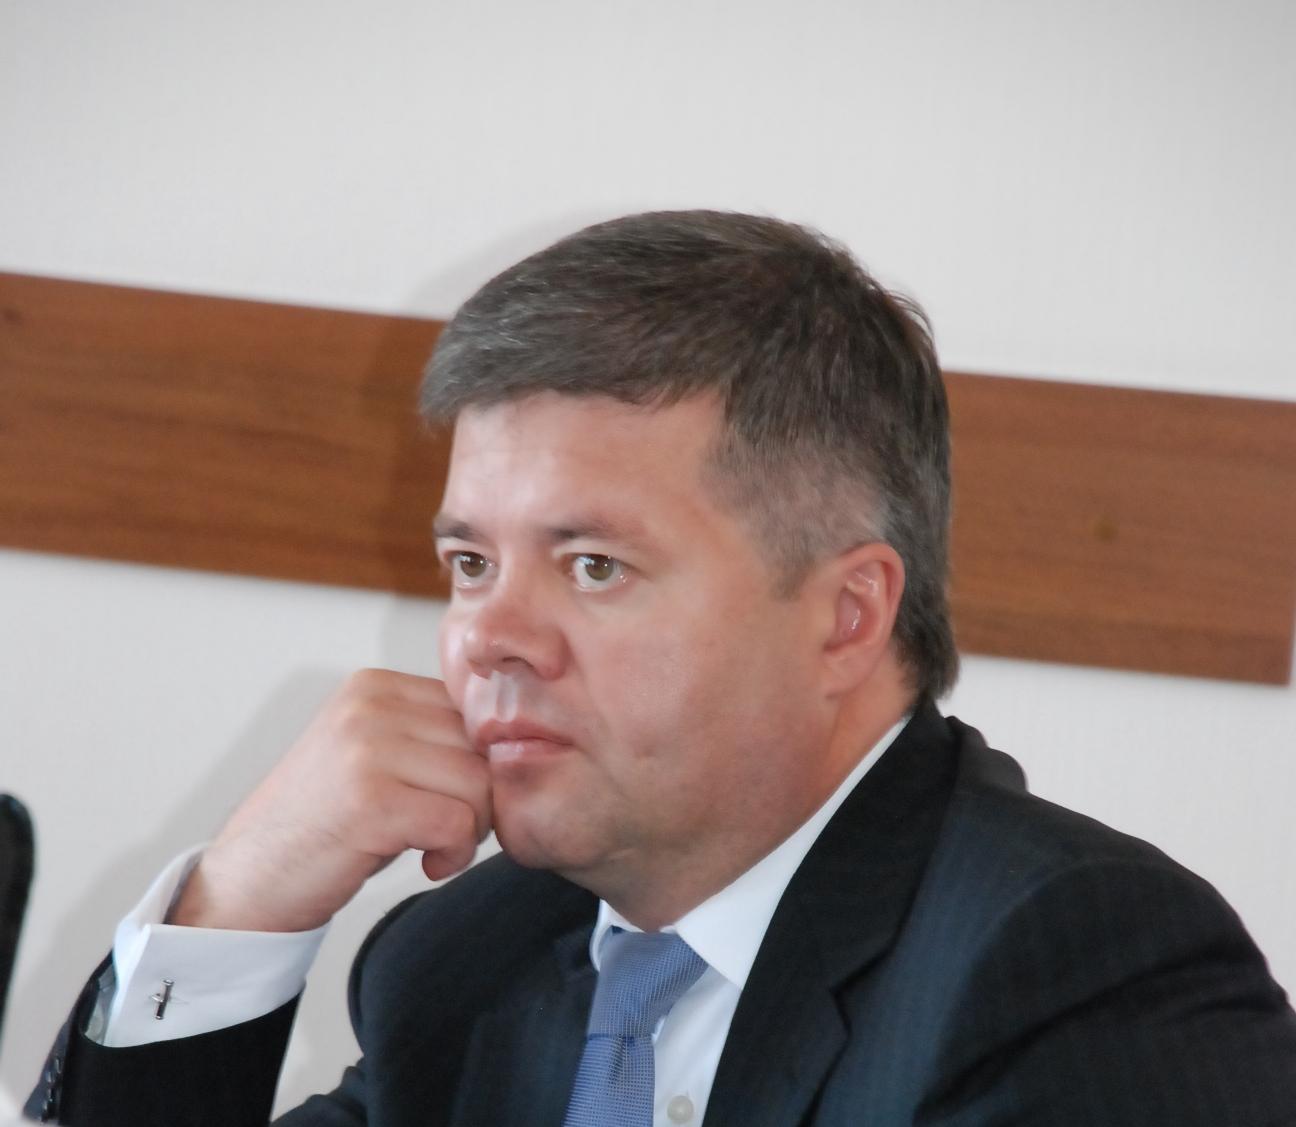 Как сообщили агентству «Урал-пресс-информ» в пресс-службе ЮУТПП, делегацию лично возглавит глава